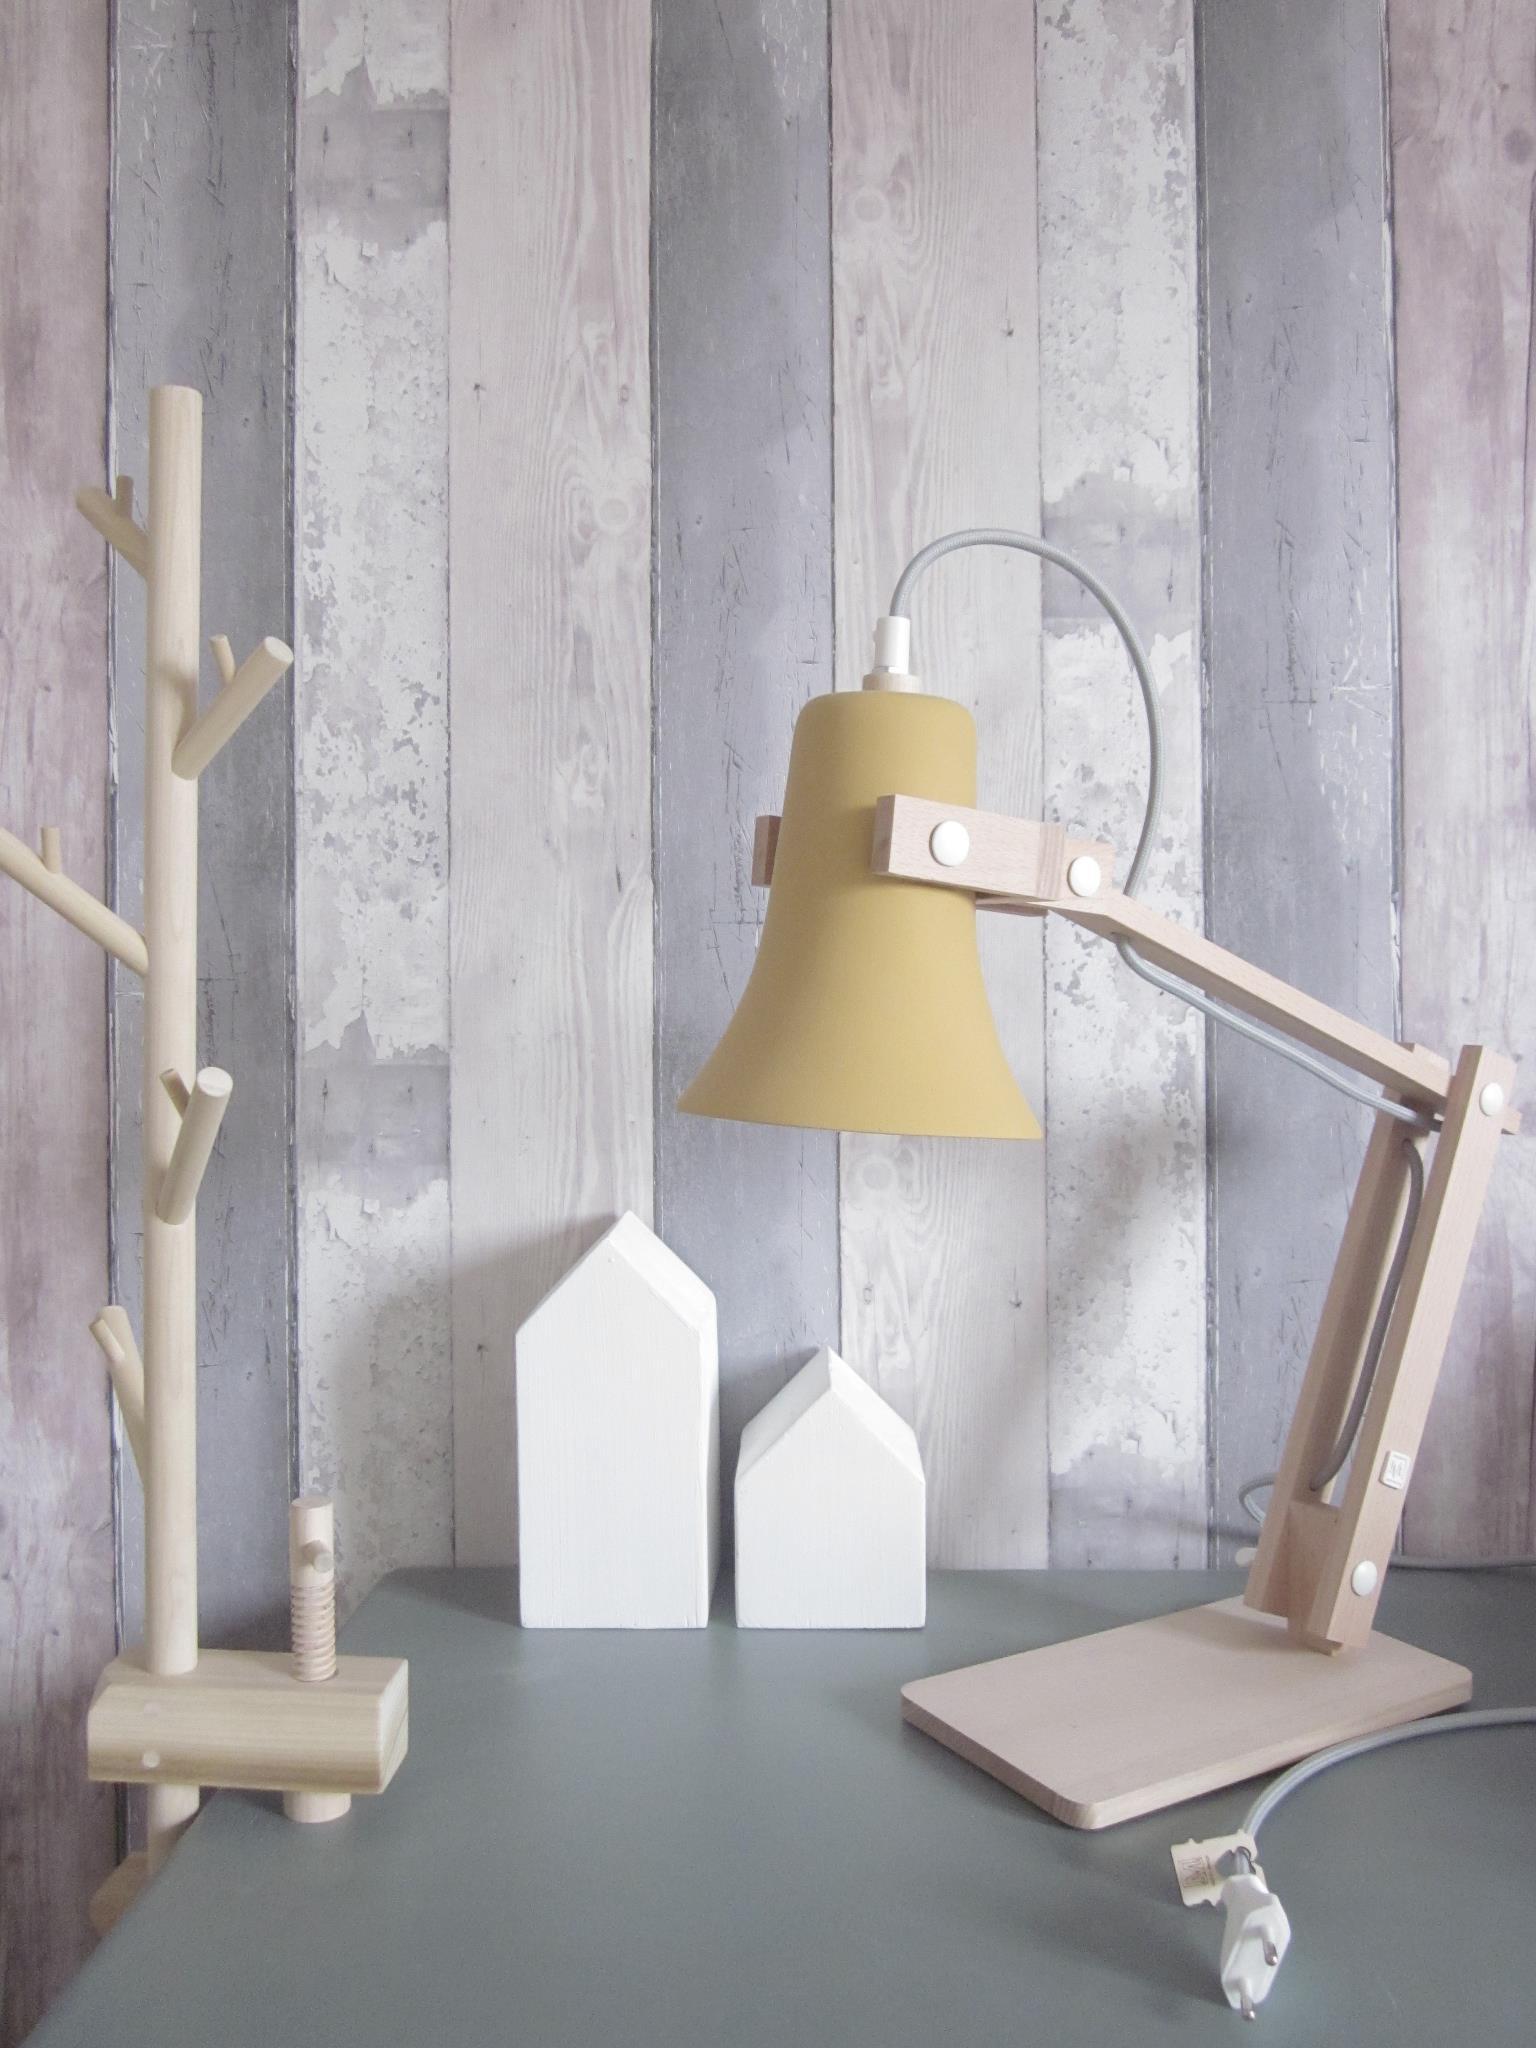 M.OSS Design Trumpet tafellamp kopen? Bestel online bij Gimmii